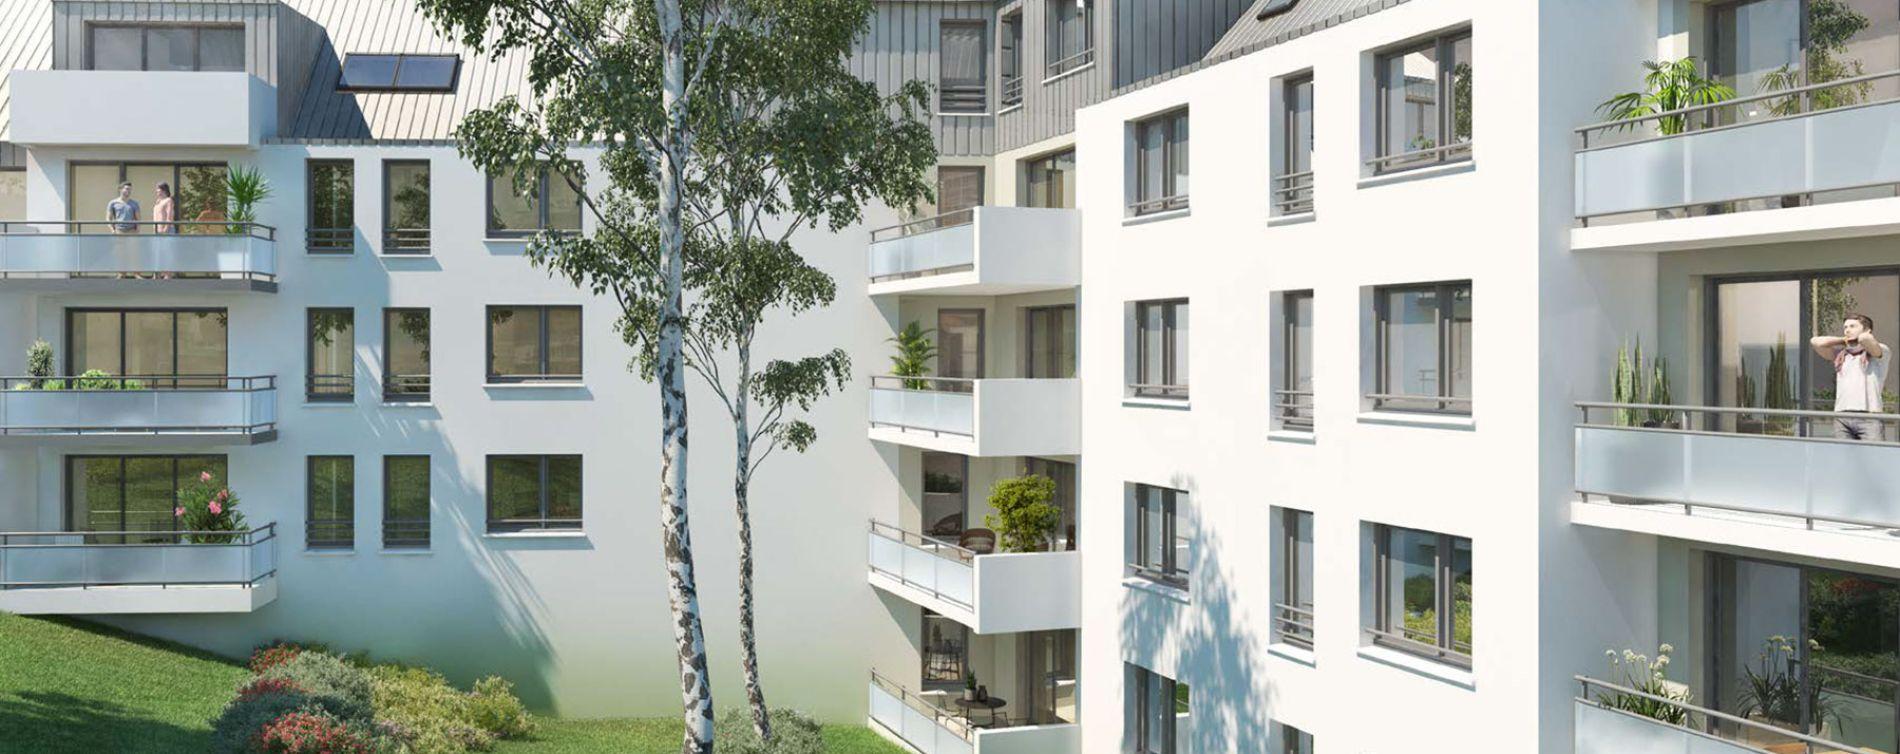 Résidence Villa Les Nymphéas à Rouen